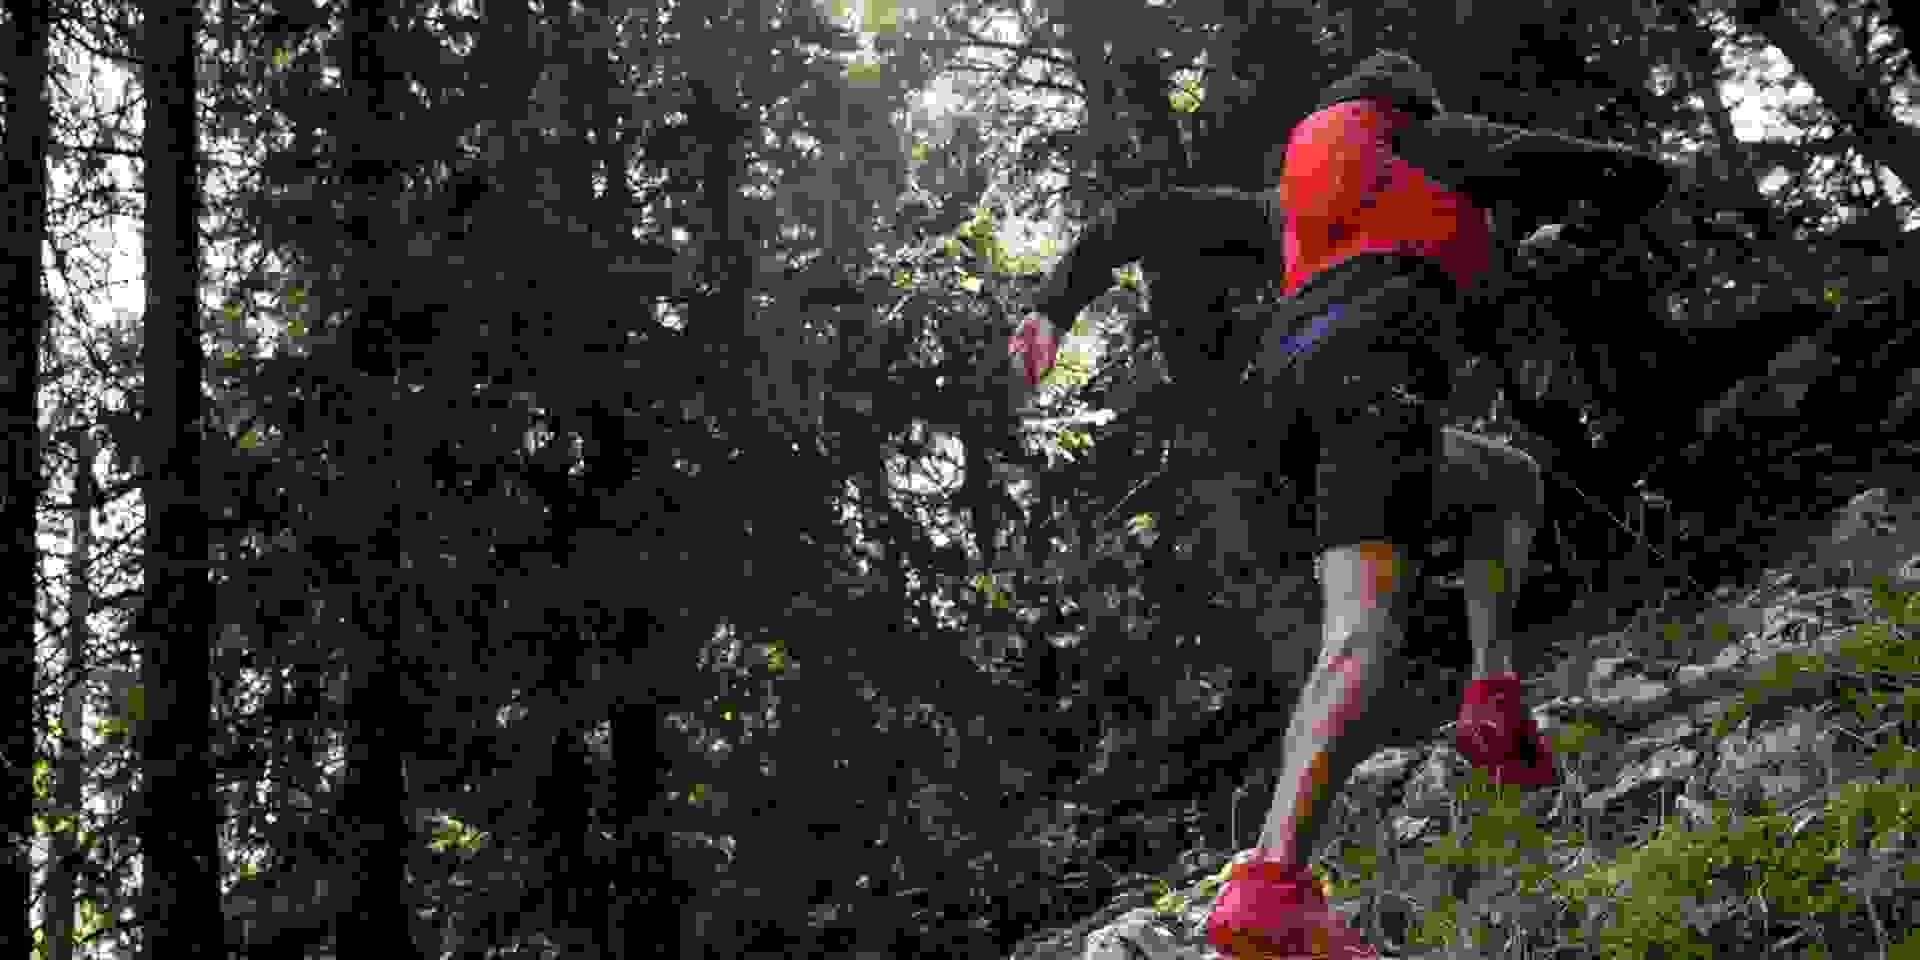 Ein Trailrunner läuft bergauf einen Waldweg entlang.